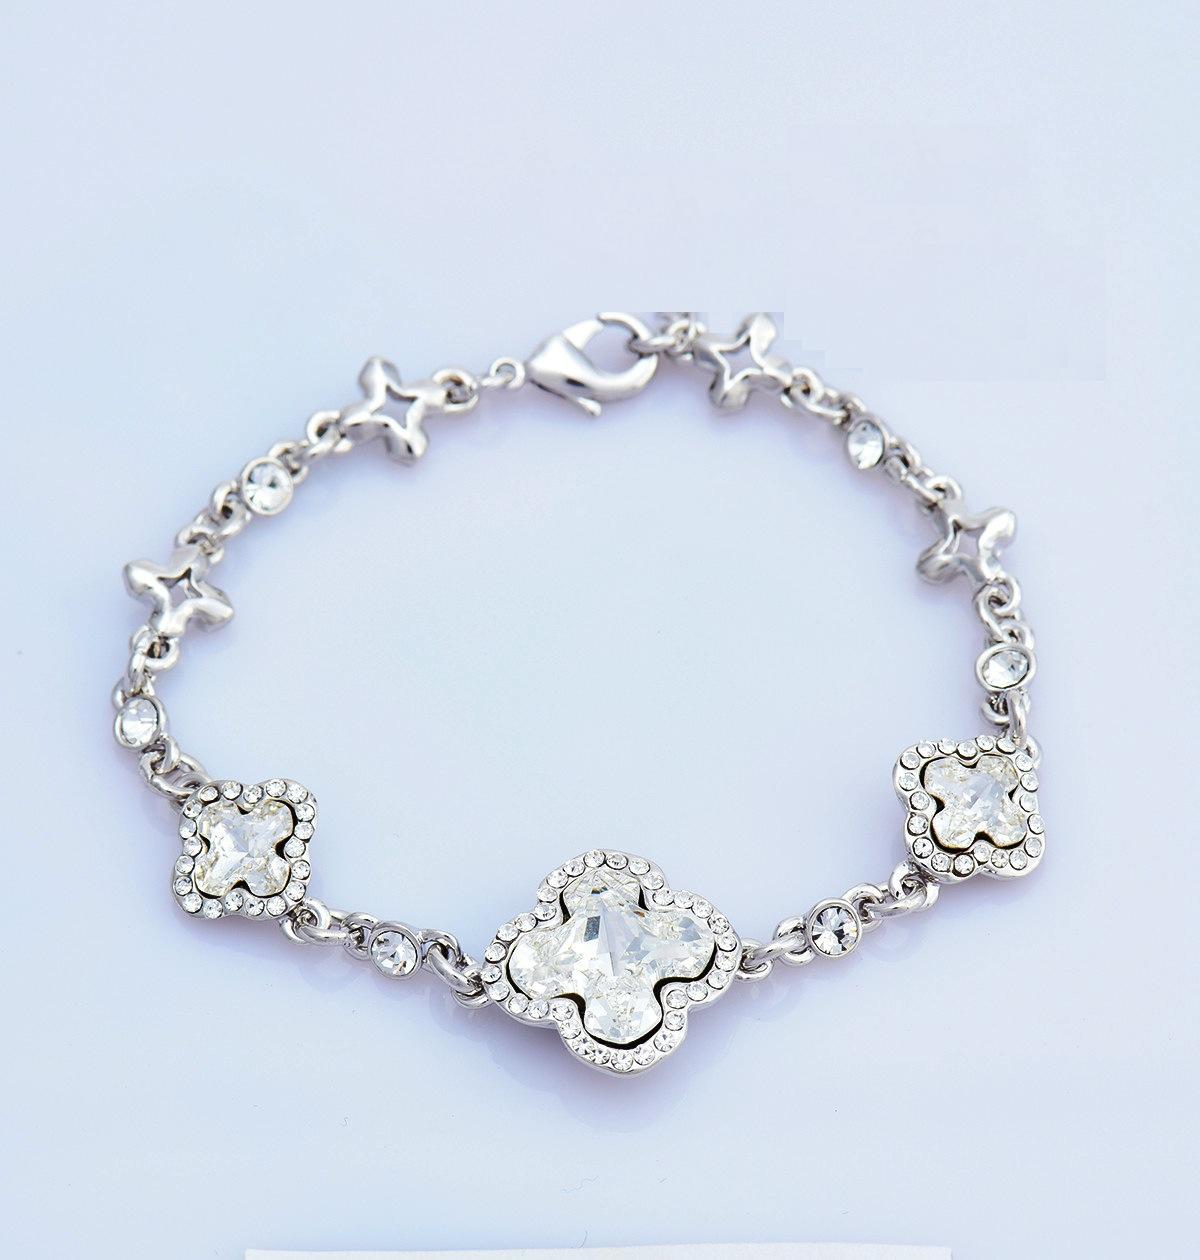 Swarovski Elements Women's 18K White Gold Plated Swarovski Crystal Sto